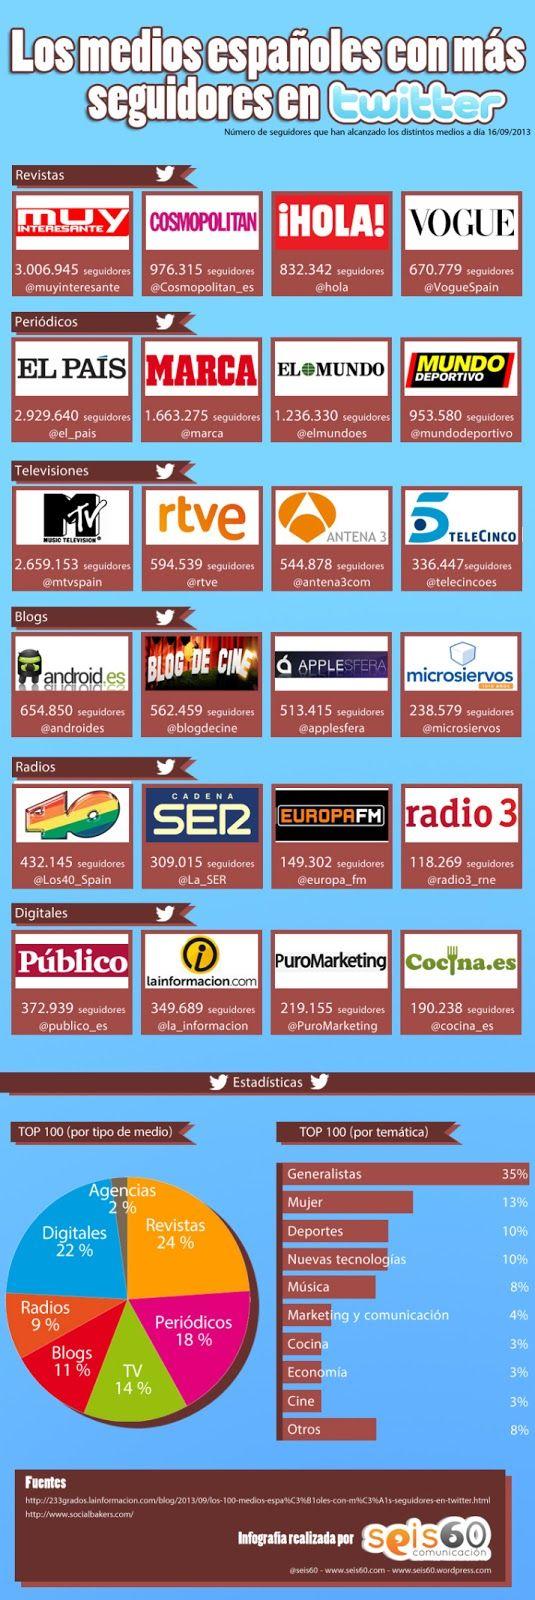 Infografía de los medios de comunicación con más seguidores en Twitter - Septiembre de 2013.